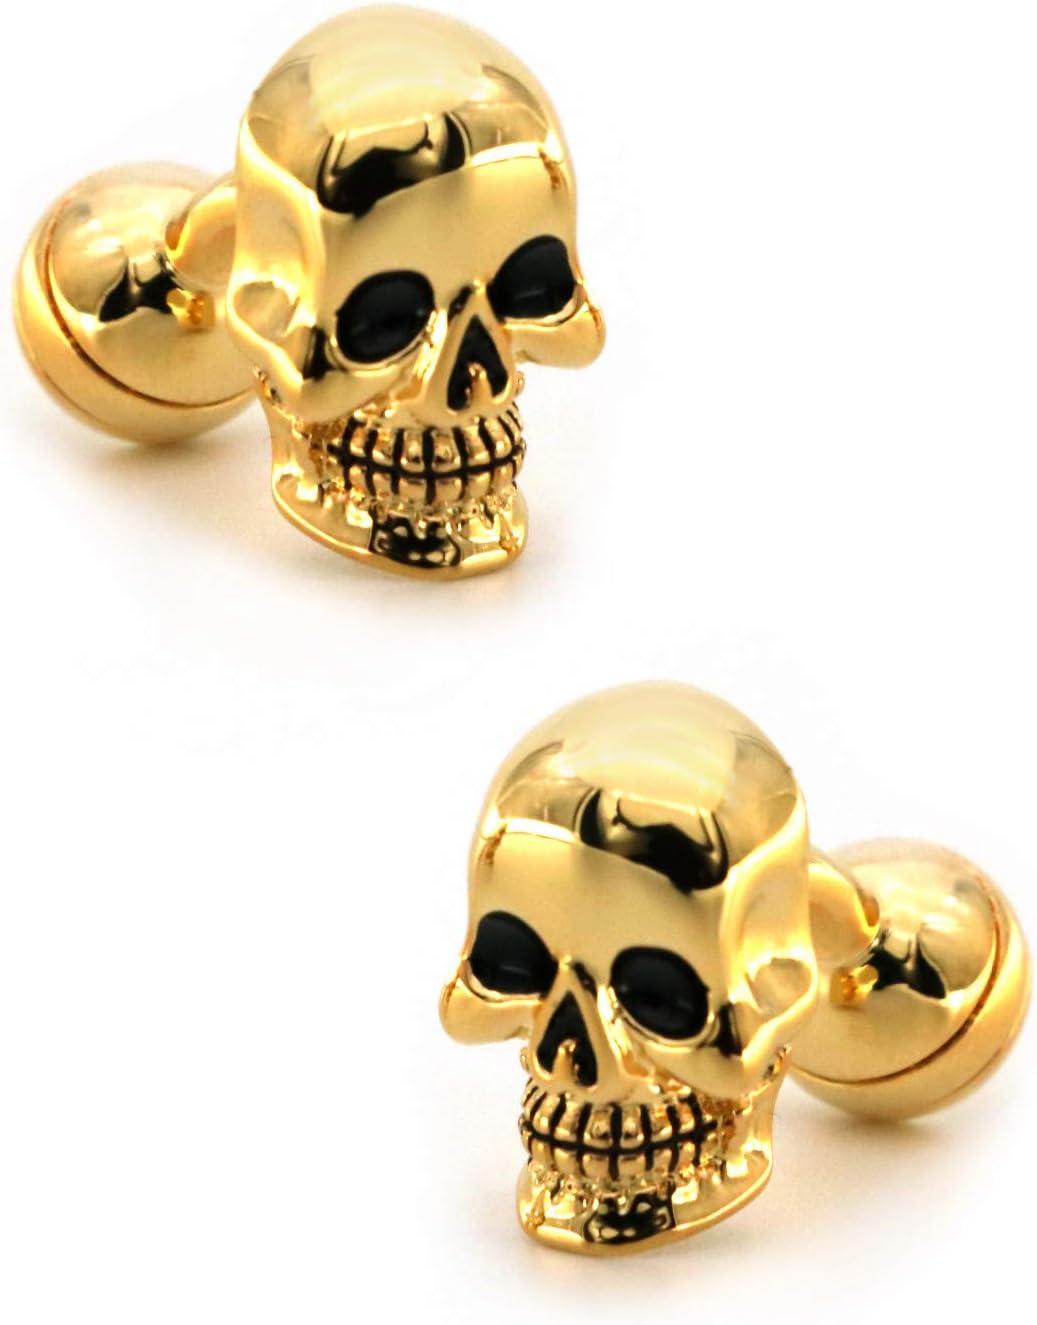 GTHT Men for Cufflinks Men's ufflinks Golden Max 48% OFF Design 25% OFF Skull Color